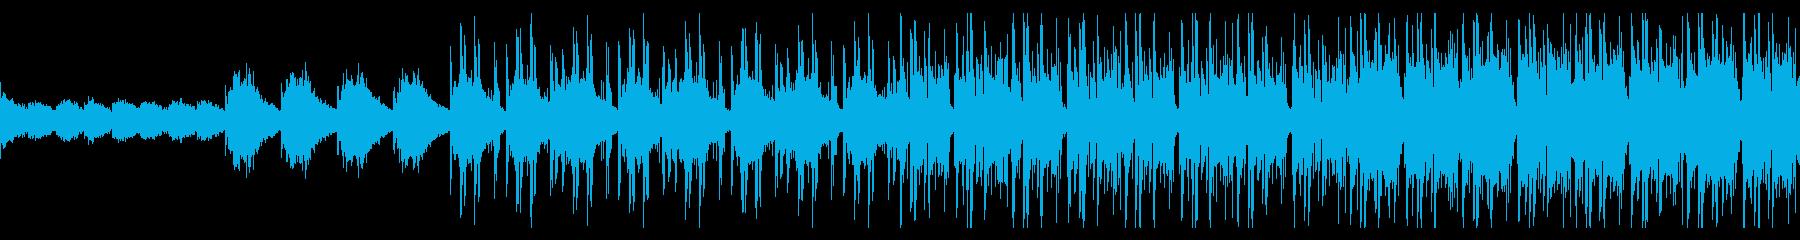 神秘的なテクノBGMの再生済みの波形